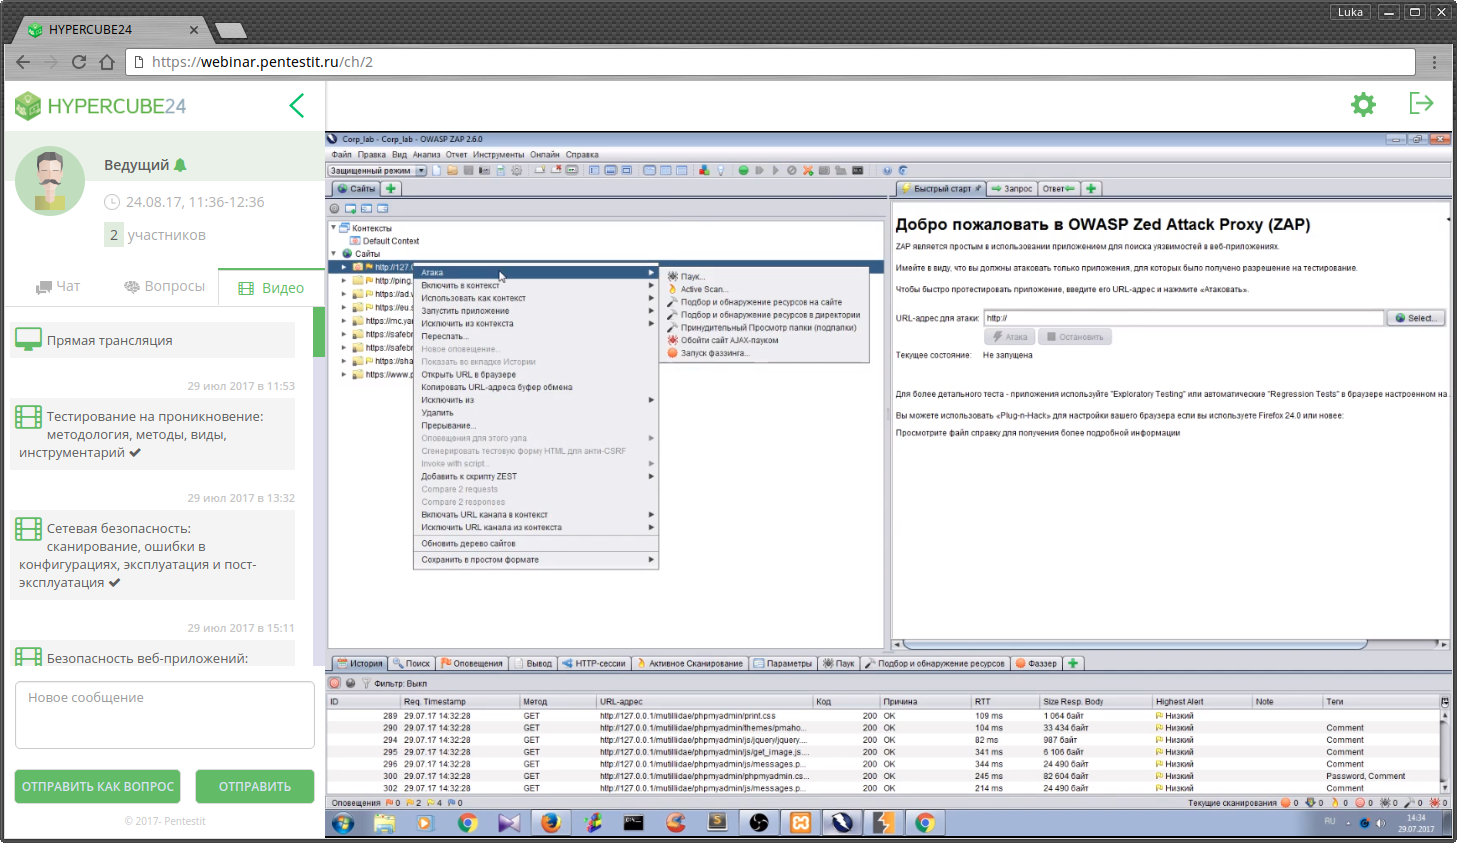 Корпоративные лаборатории Pentestit: практические навыки по информационной безопасности - 2